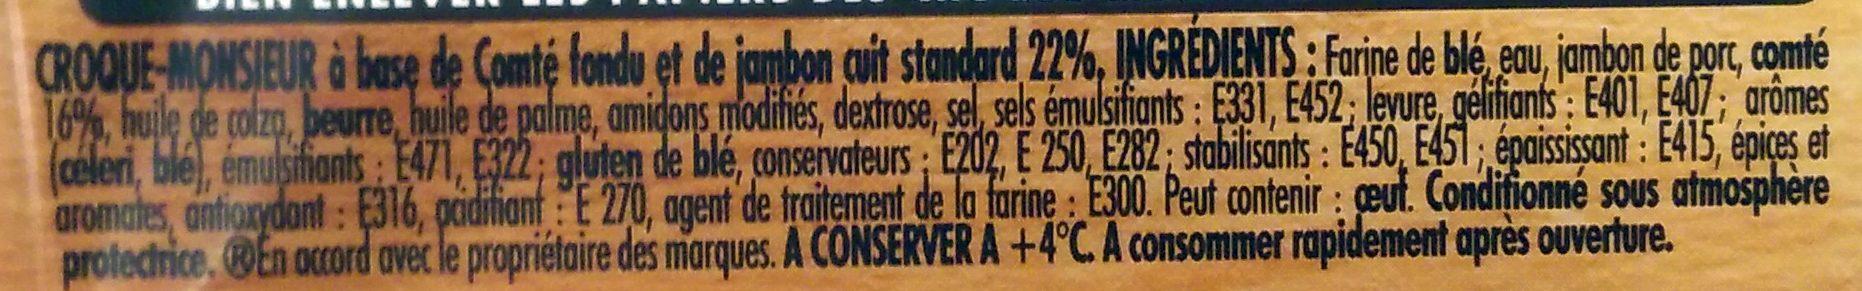 Tendre Croc' Comté - Ingrédients